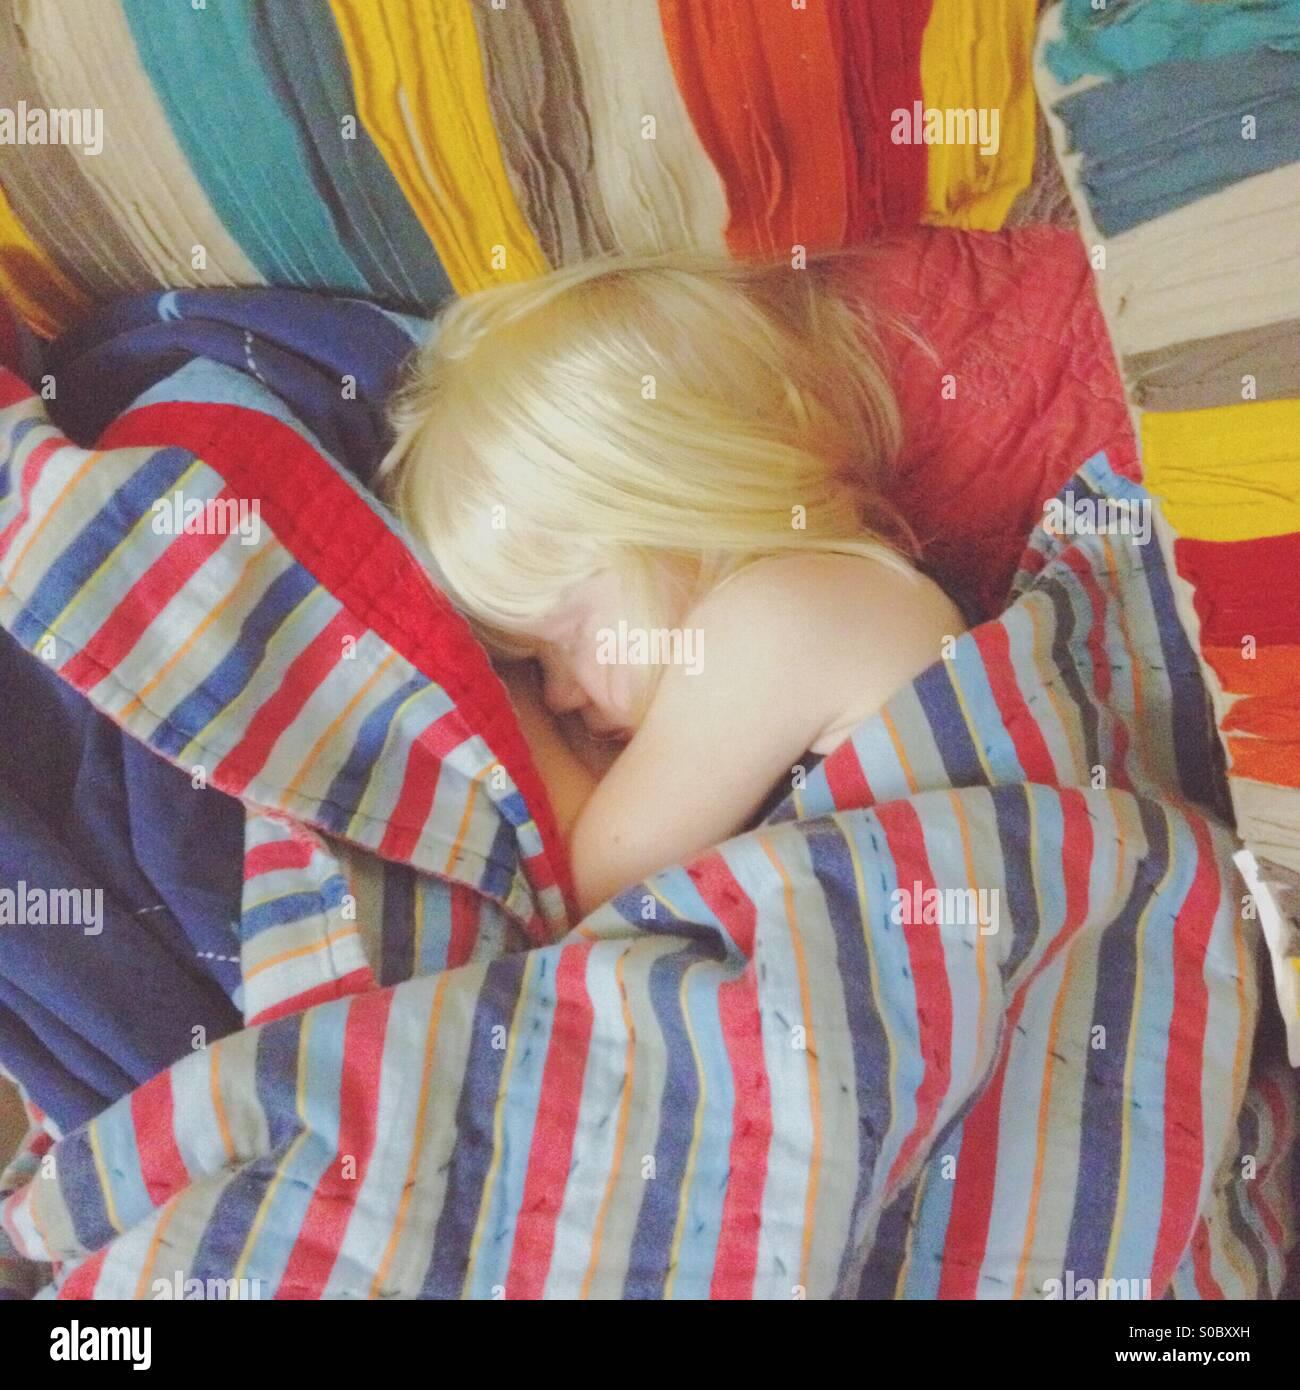 Joven chica rubia dormido envuelto en una serie de coloridas mantas. Foto de stock